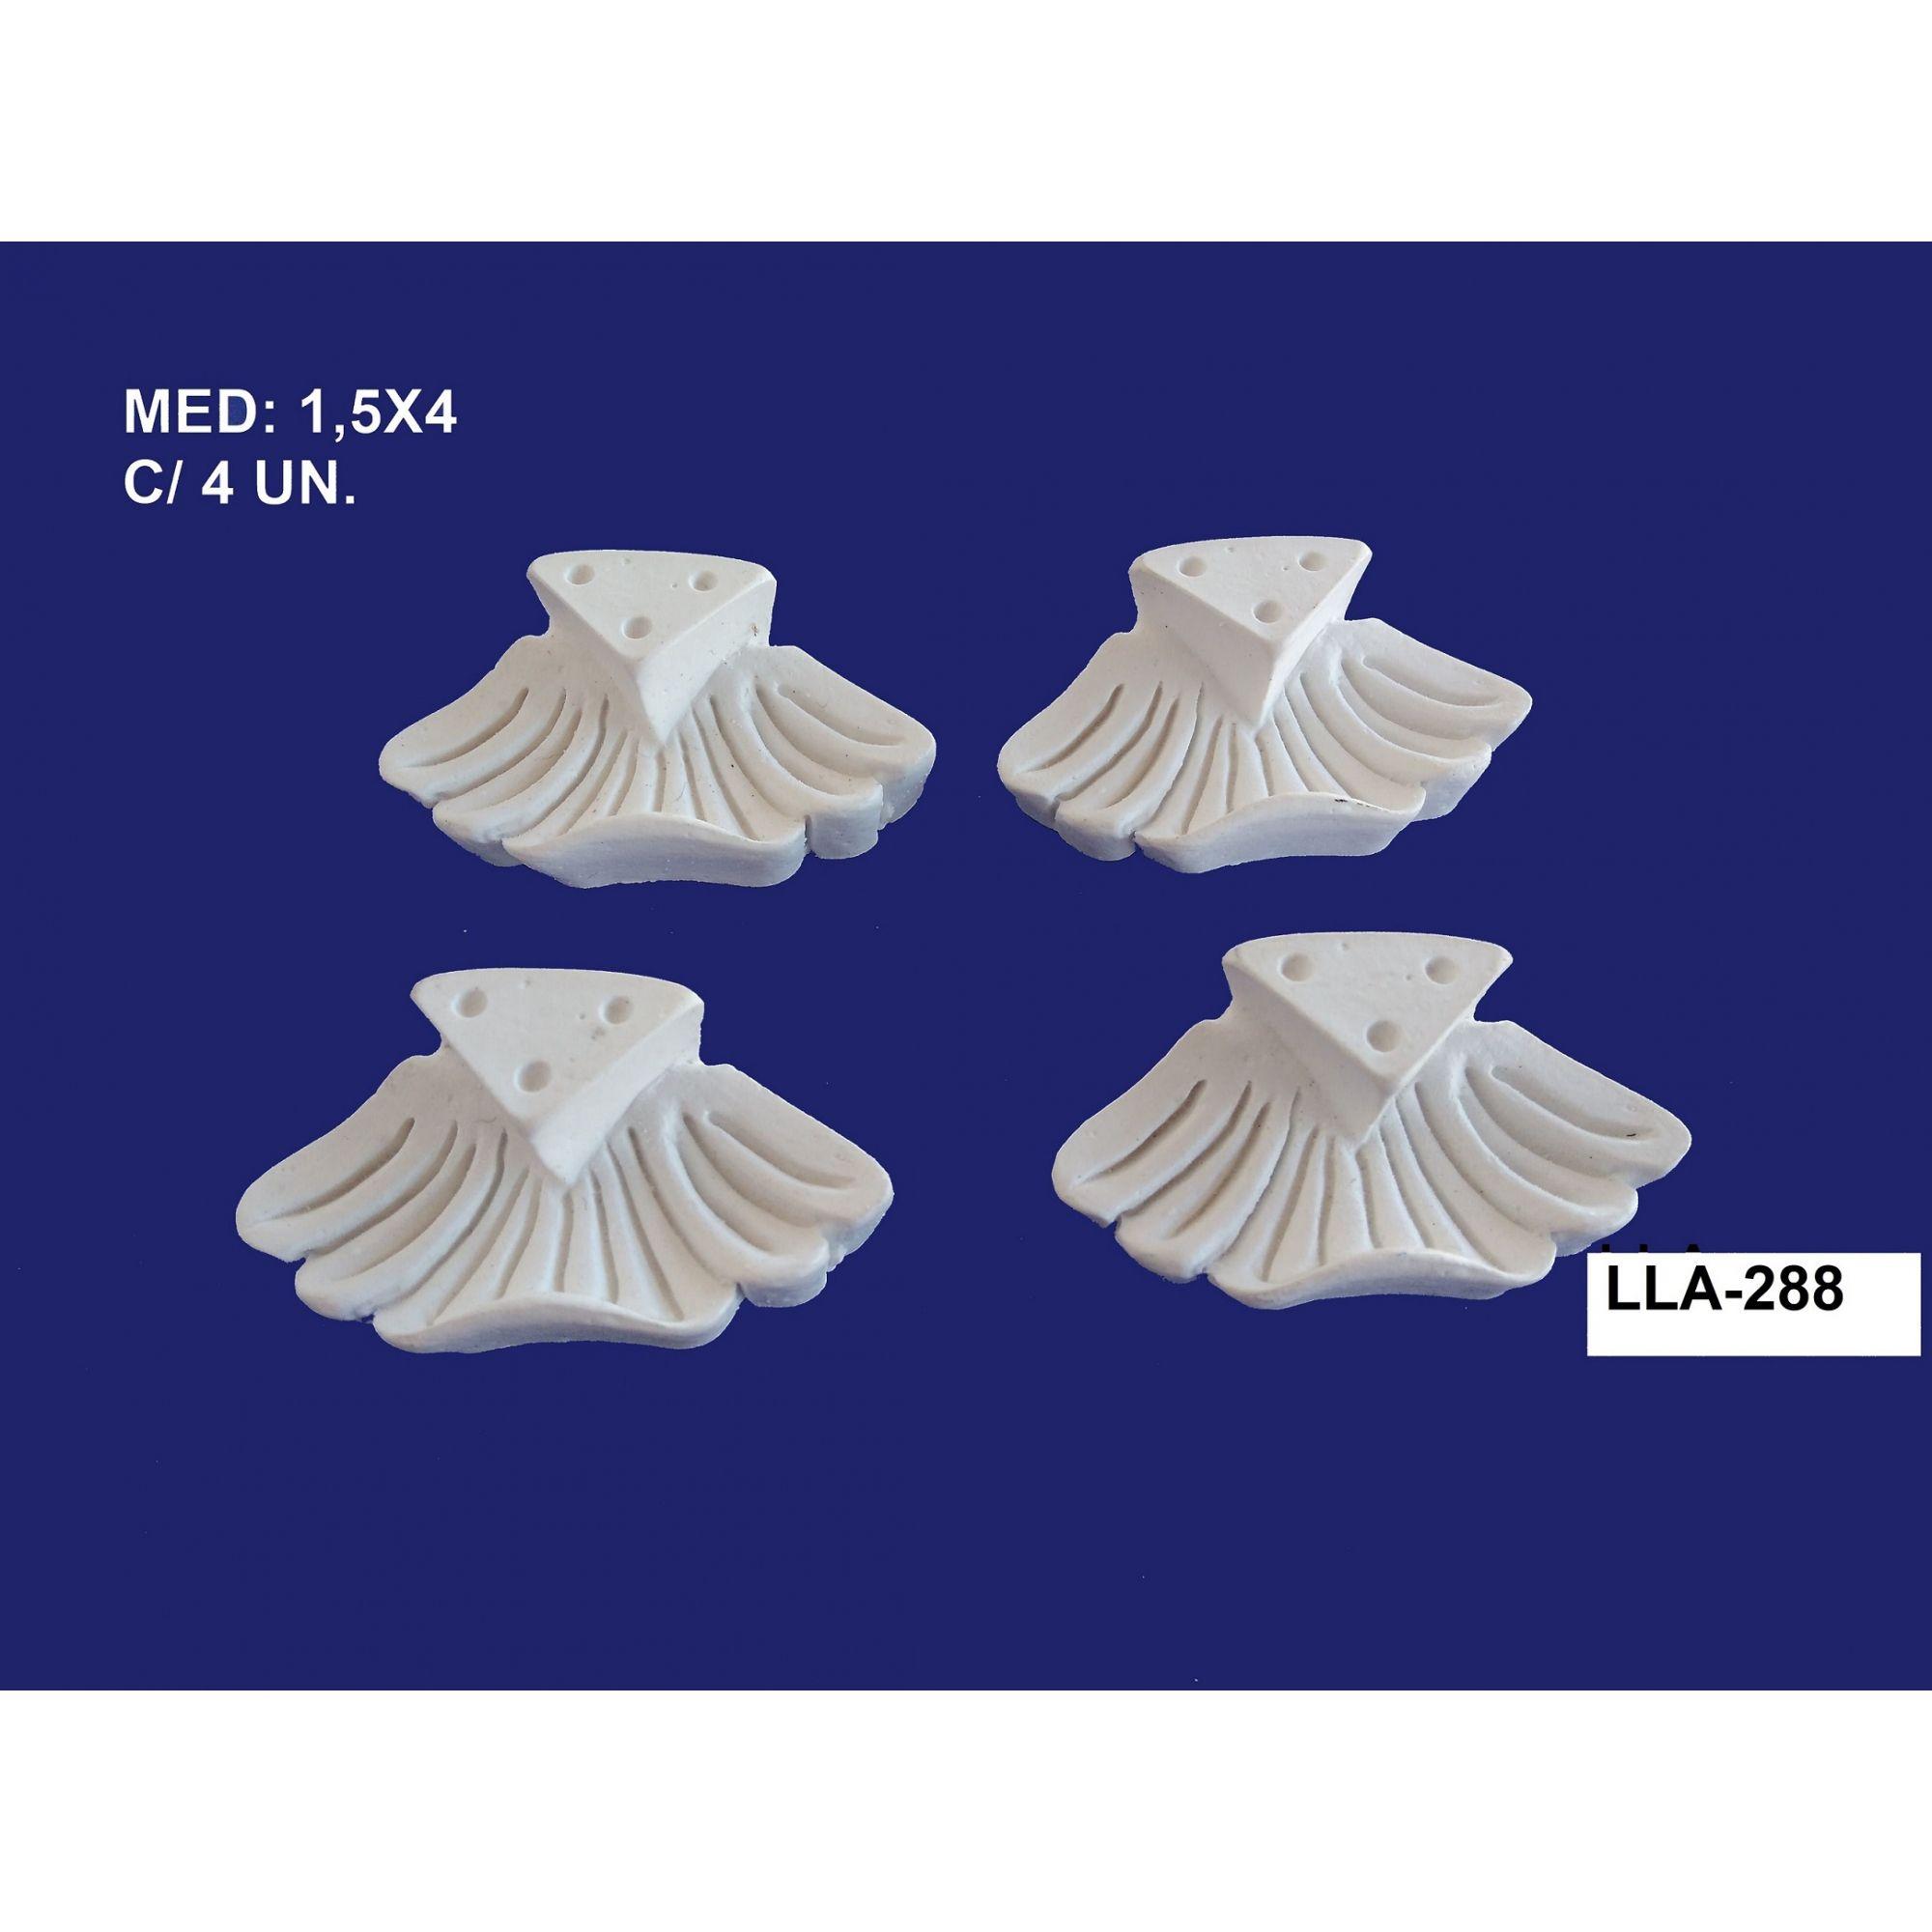 LLA-288 CONJ. PÉS 4 UNIDADES 1,5X04CM